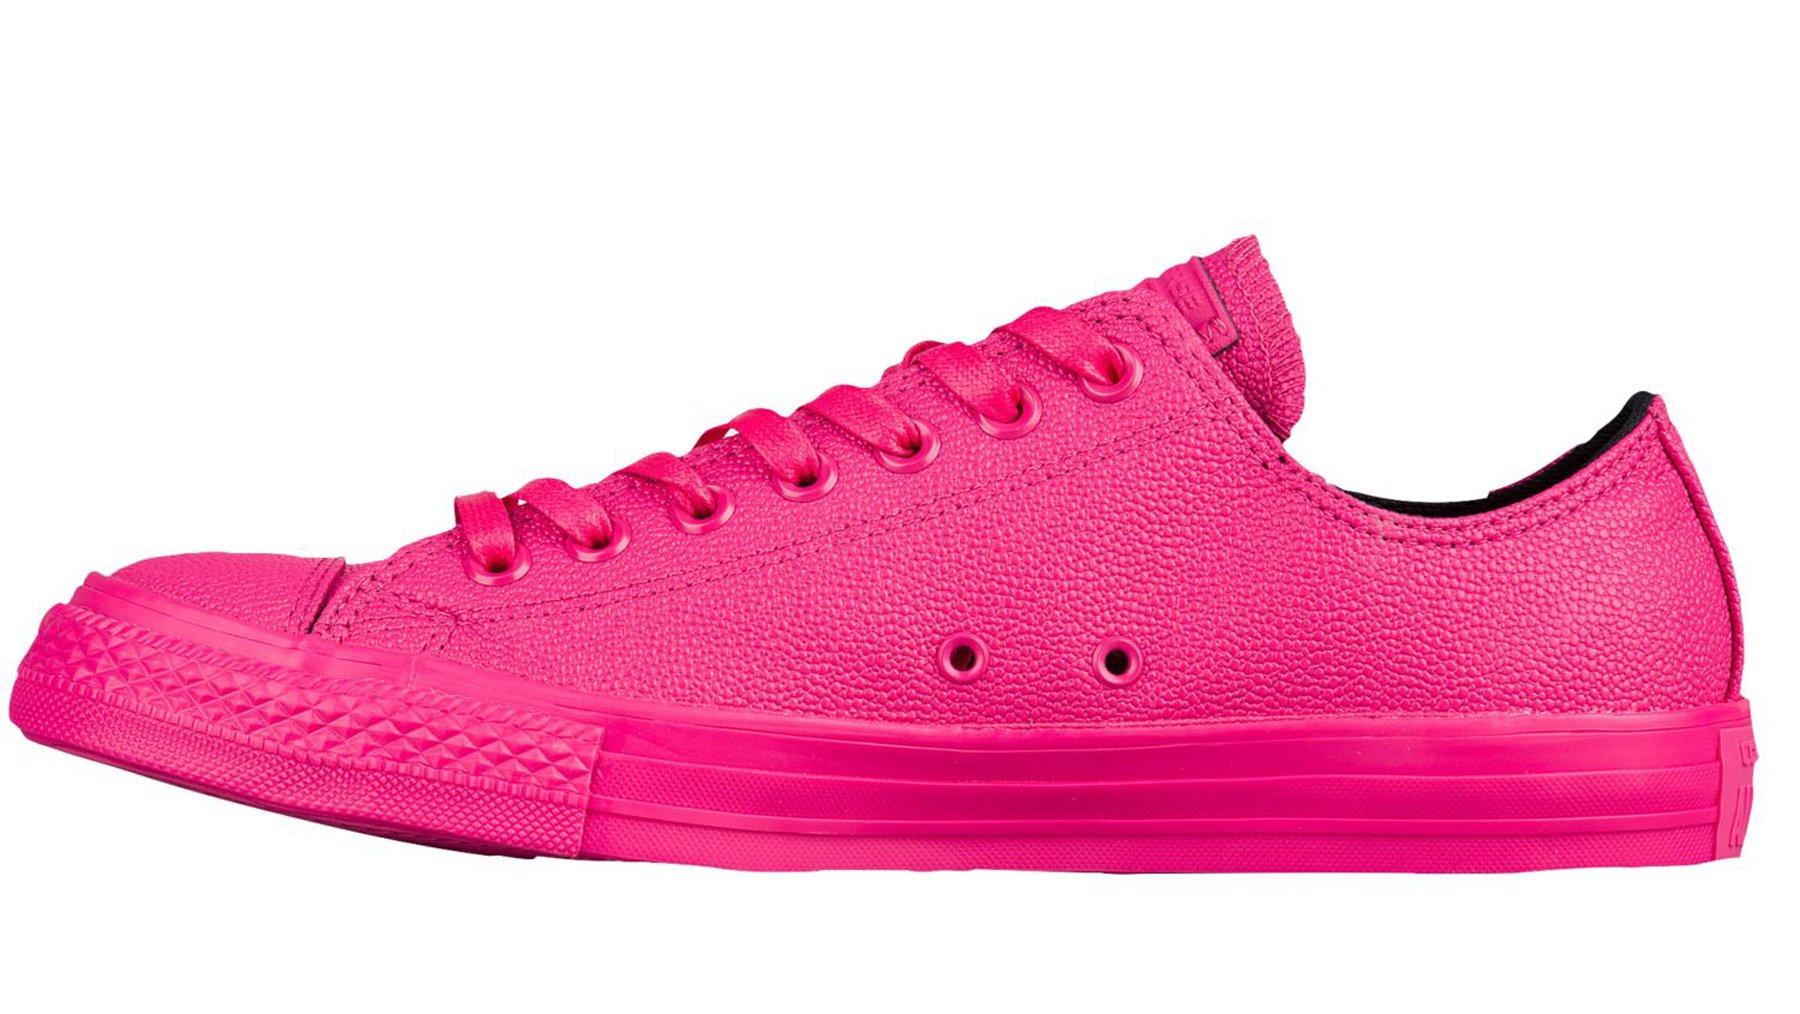 Converse Chuck Taylor All Star Lo Top Vivid Pink/Black/Vivid Pink Mens 3.5/Womens 5.5